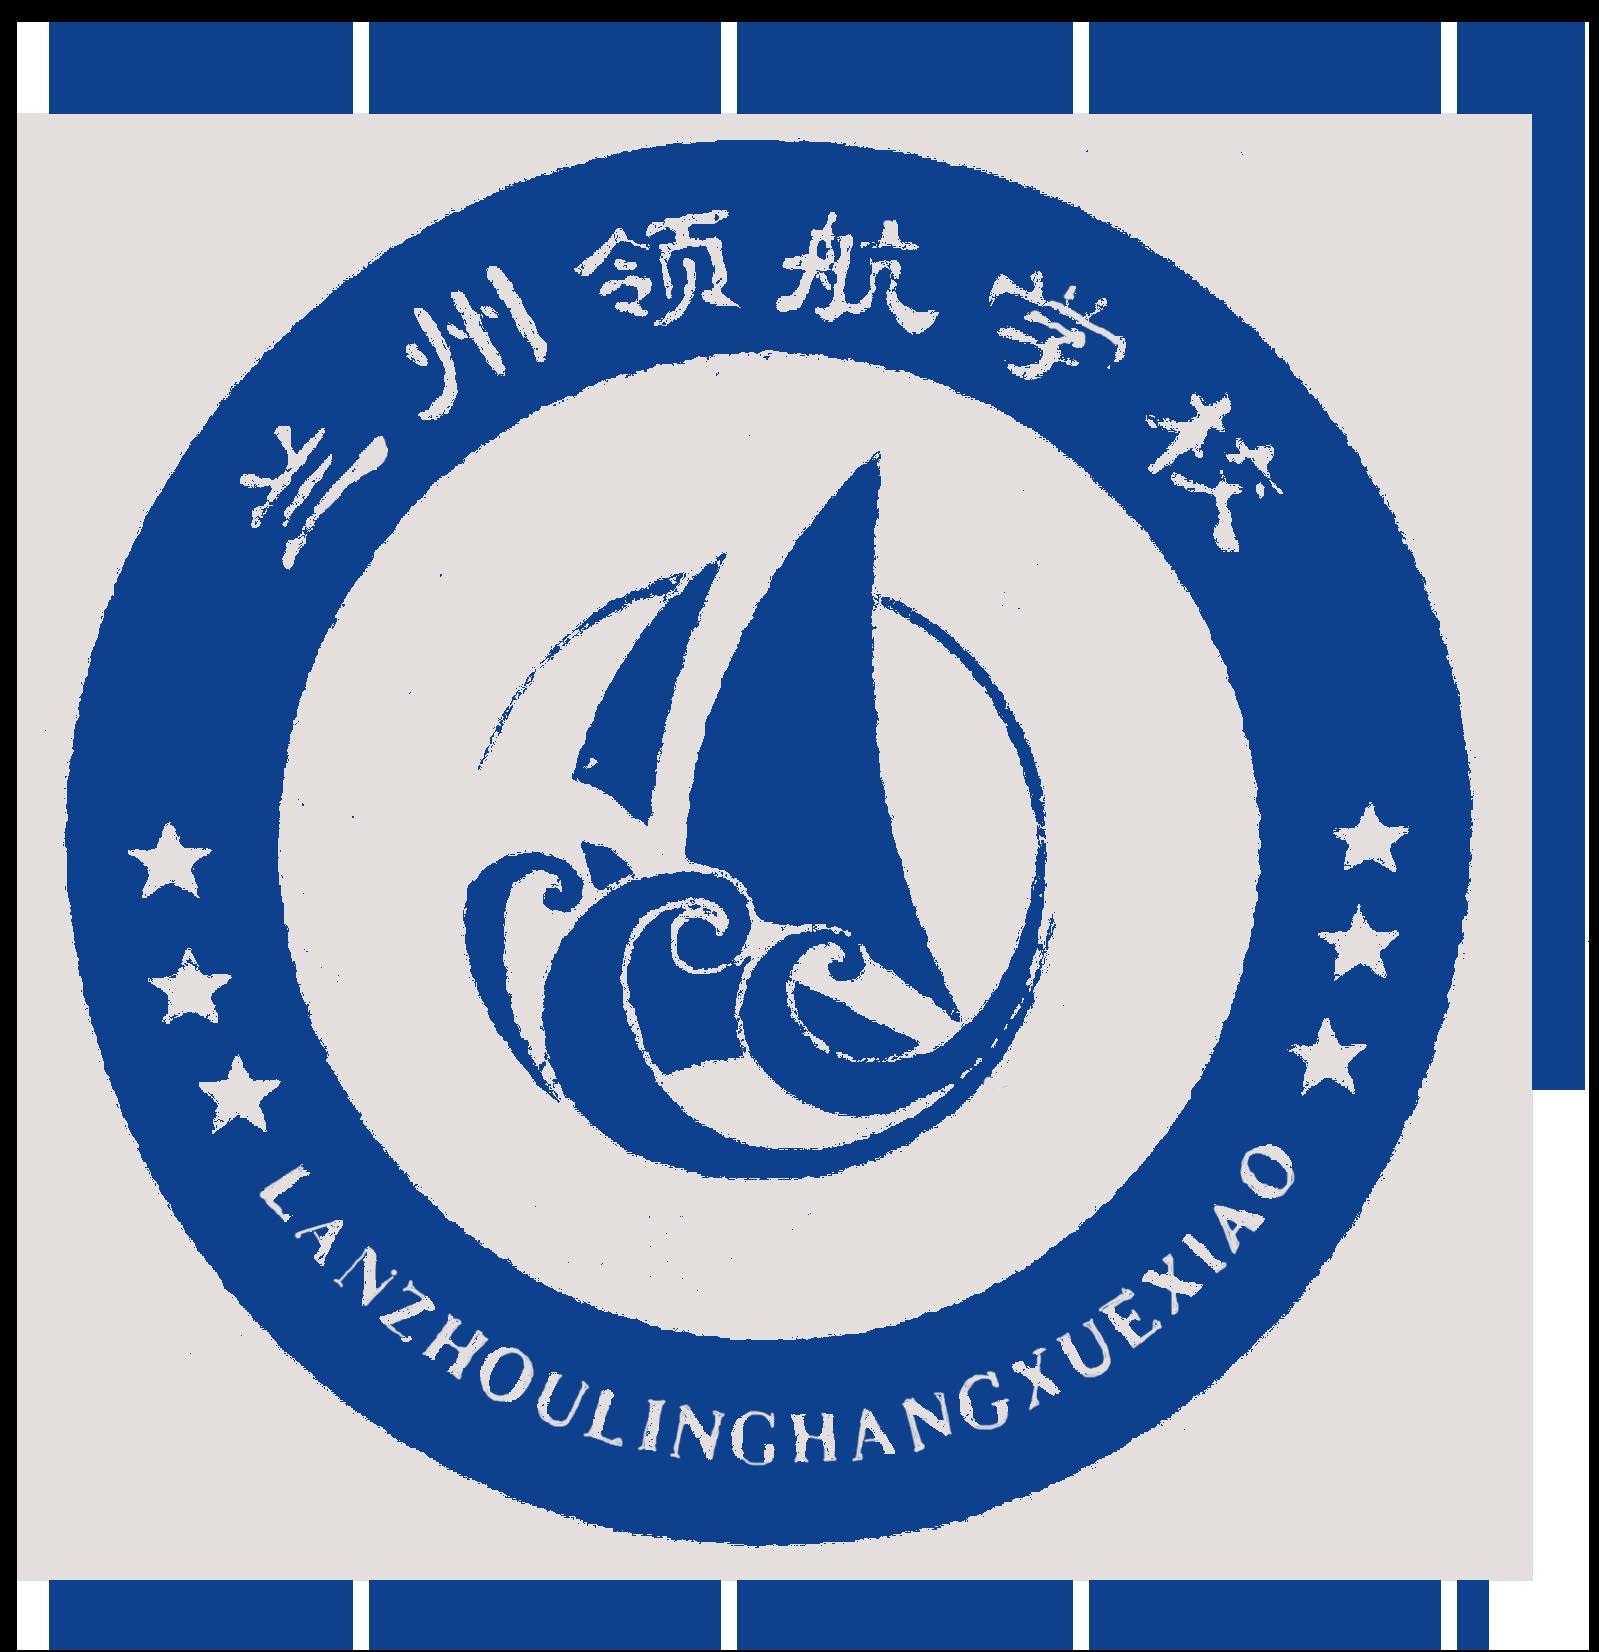 蘭州市城關區領航培訓學校有限公司LOGO